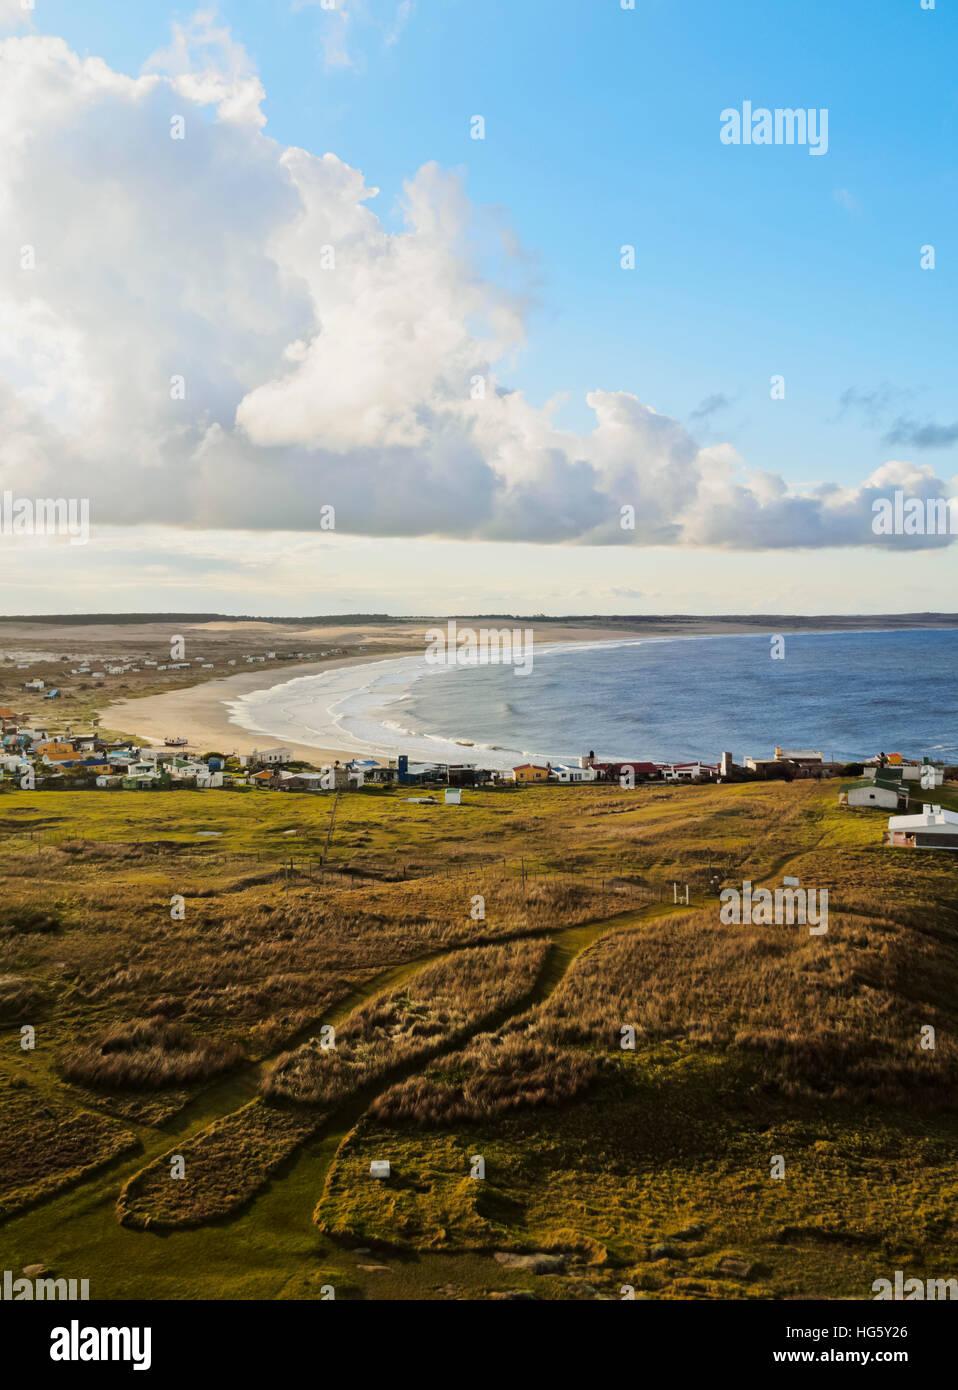 Uruguay, Departamento de Rocha, niveles elevados de vista del Cabo Polonio. Imagen De Stock